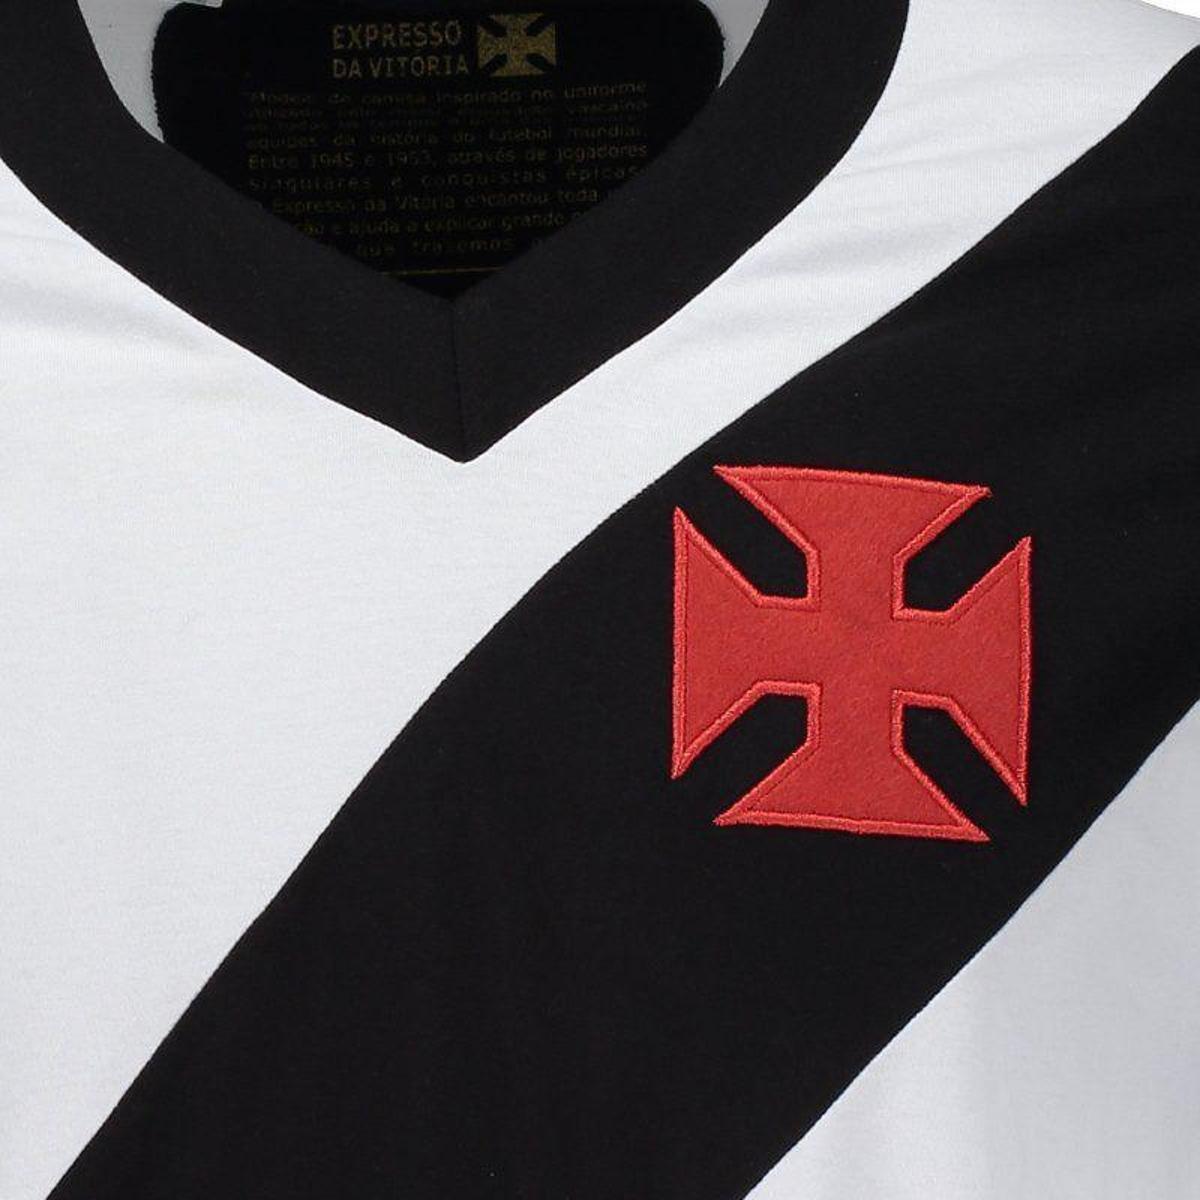 Camiseta Vasco Expresso Masculina - Compre Agora  0507ab2f7b6d4